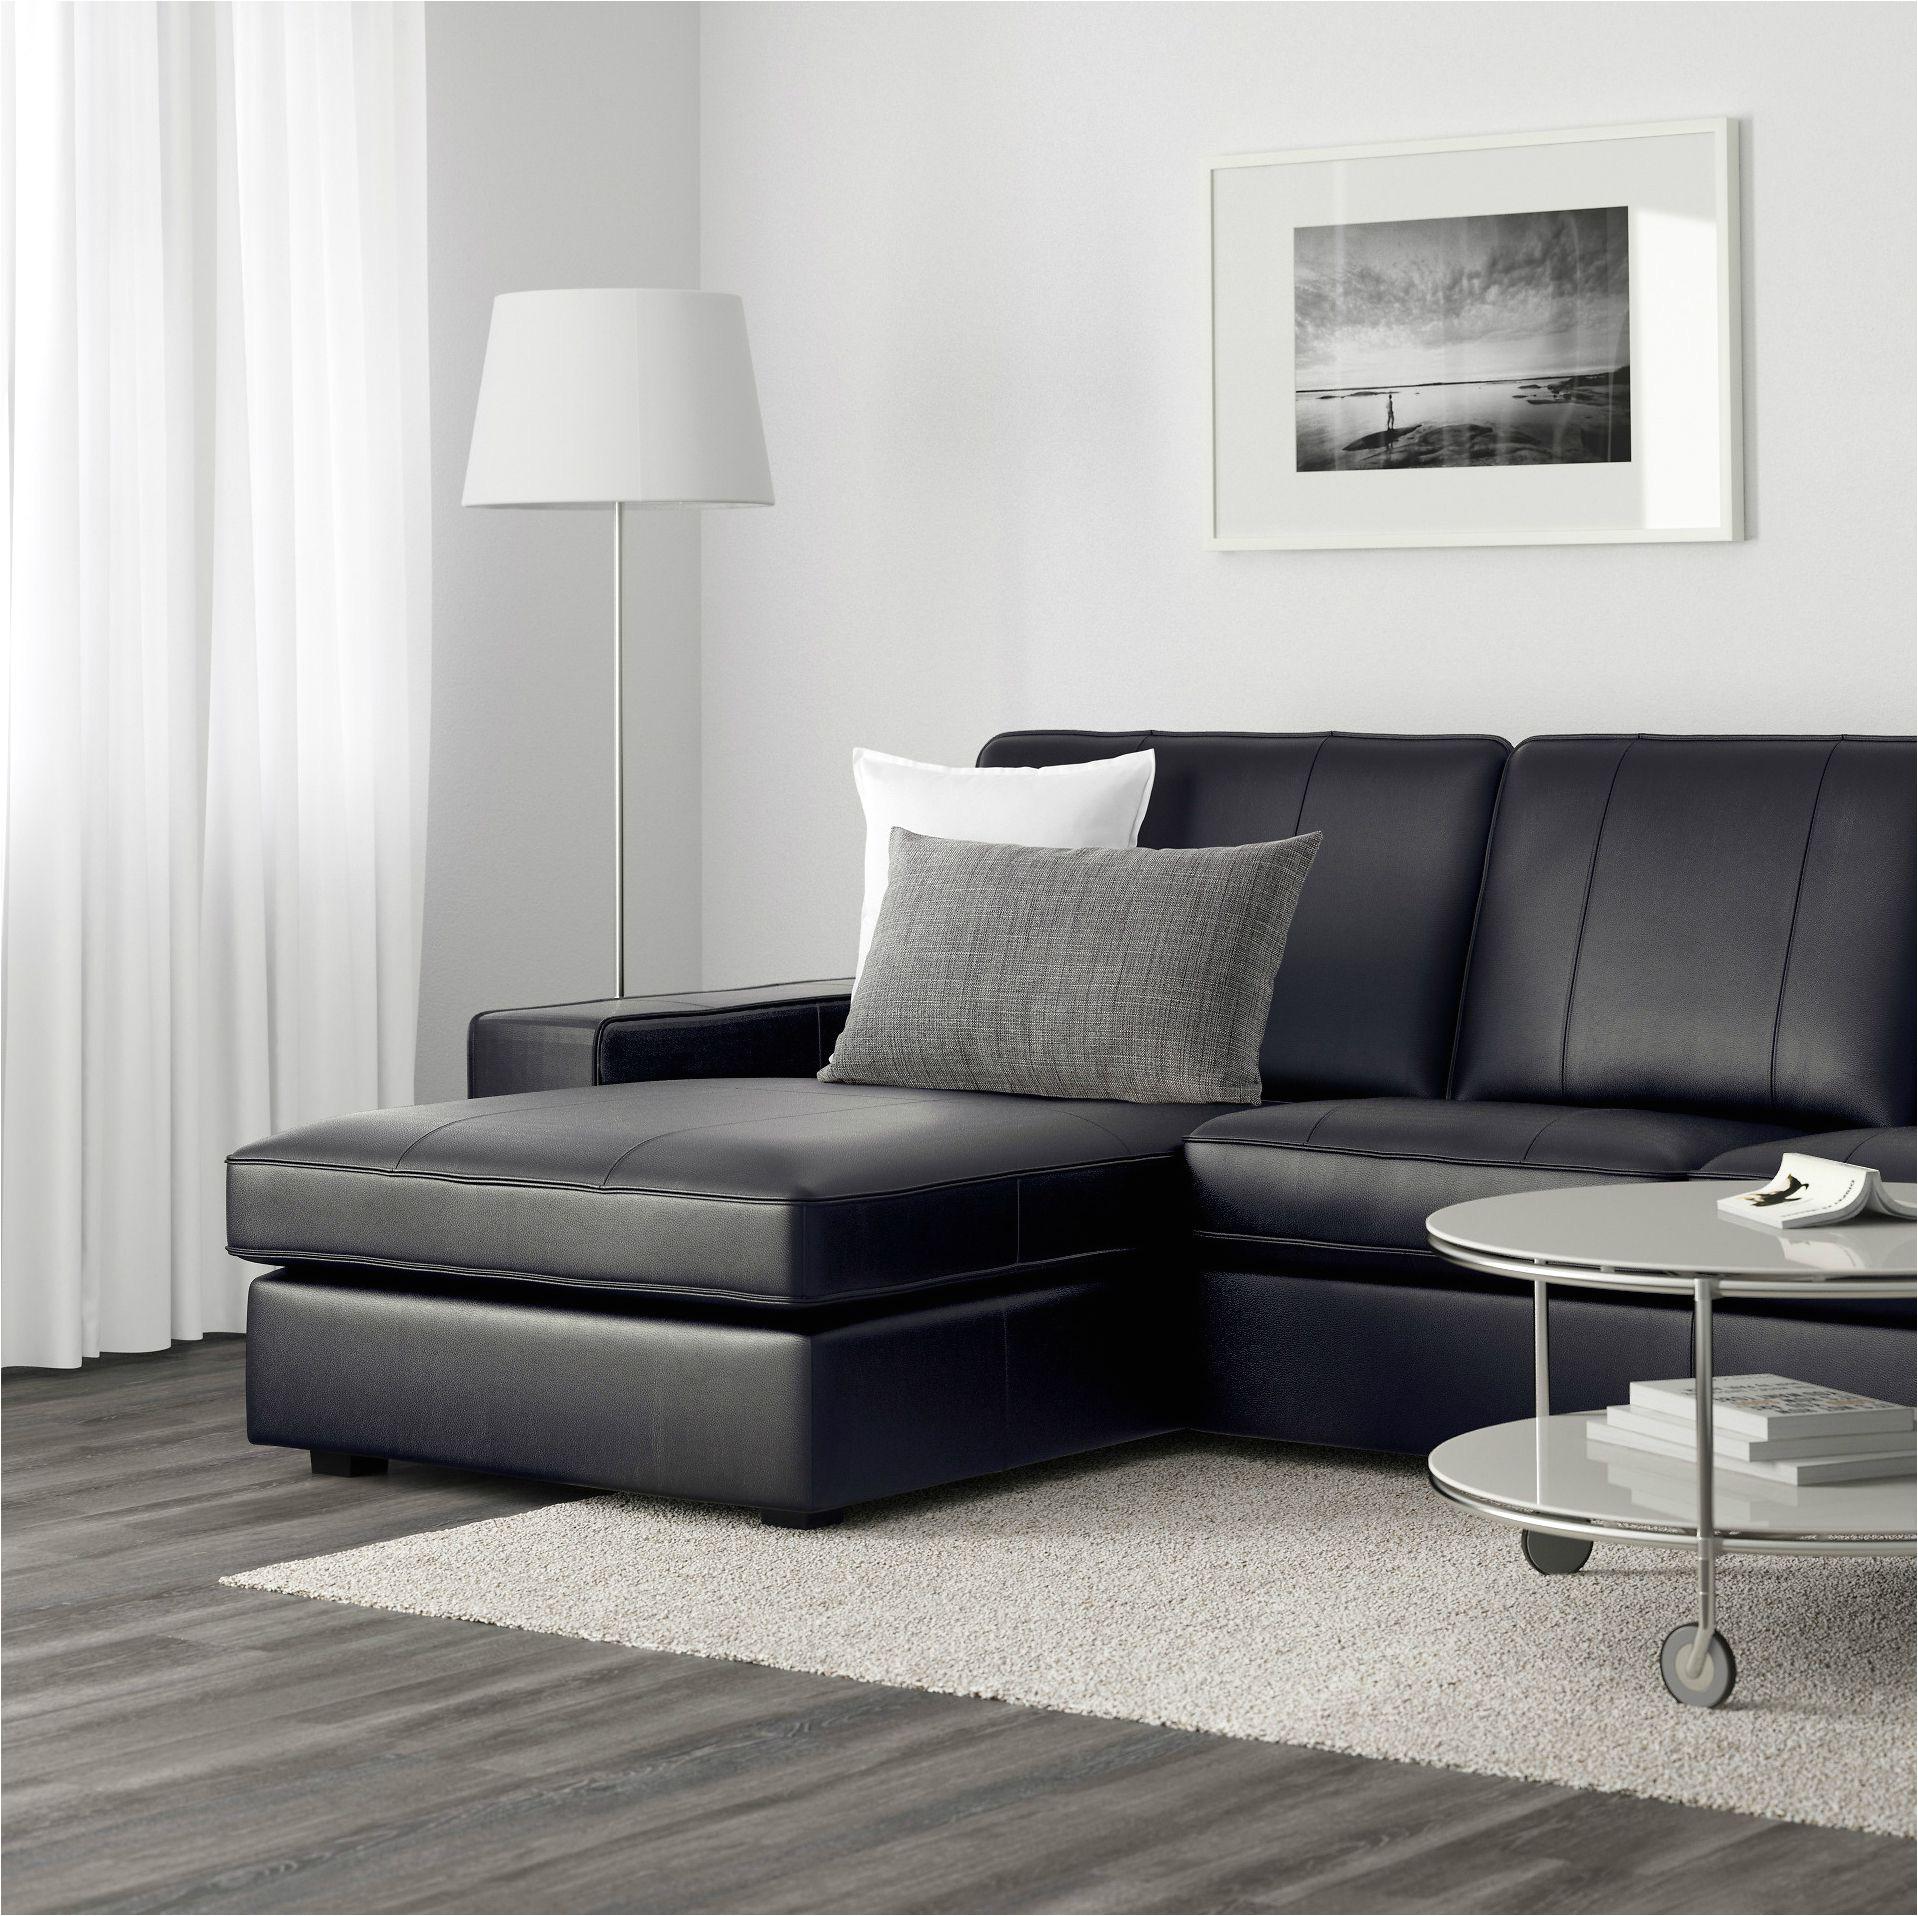 Review Of Ikea Memory Foam Mattress Ikea Kivik sofa Series Review